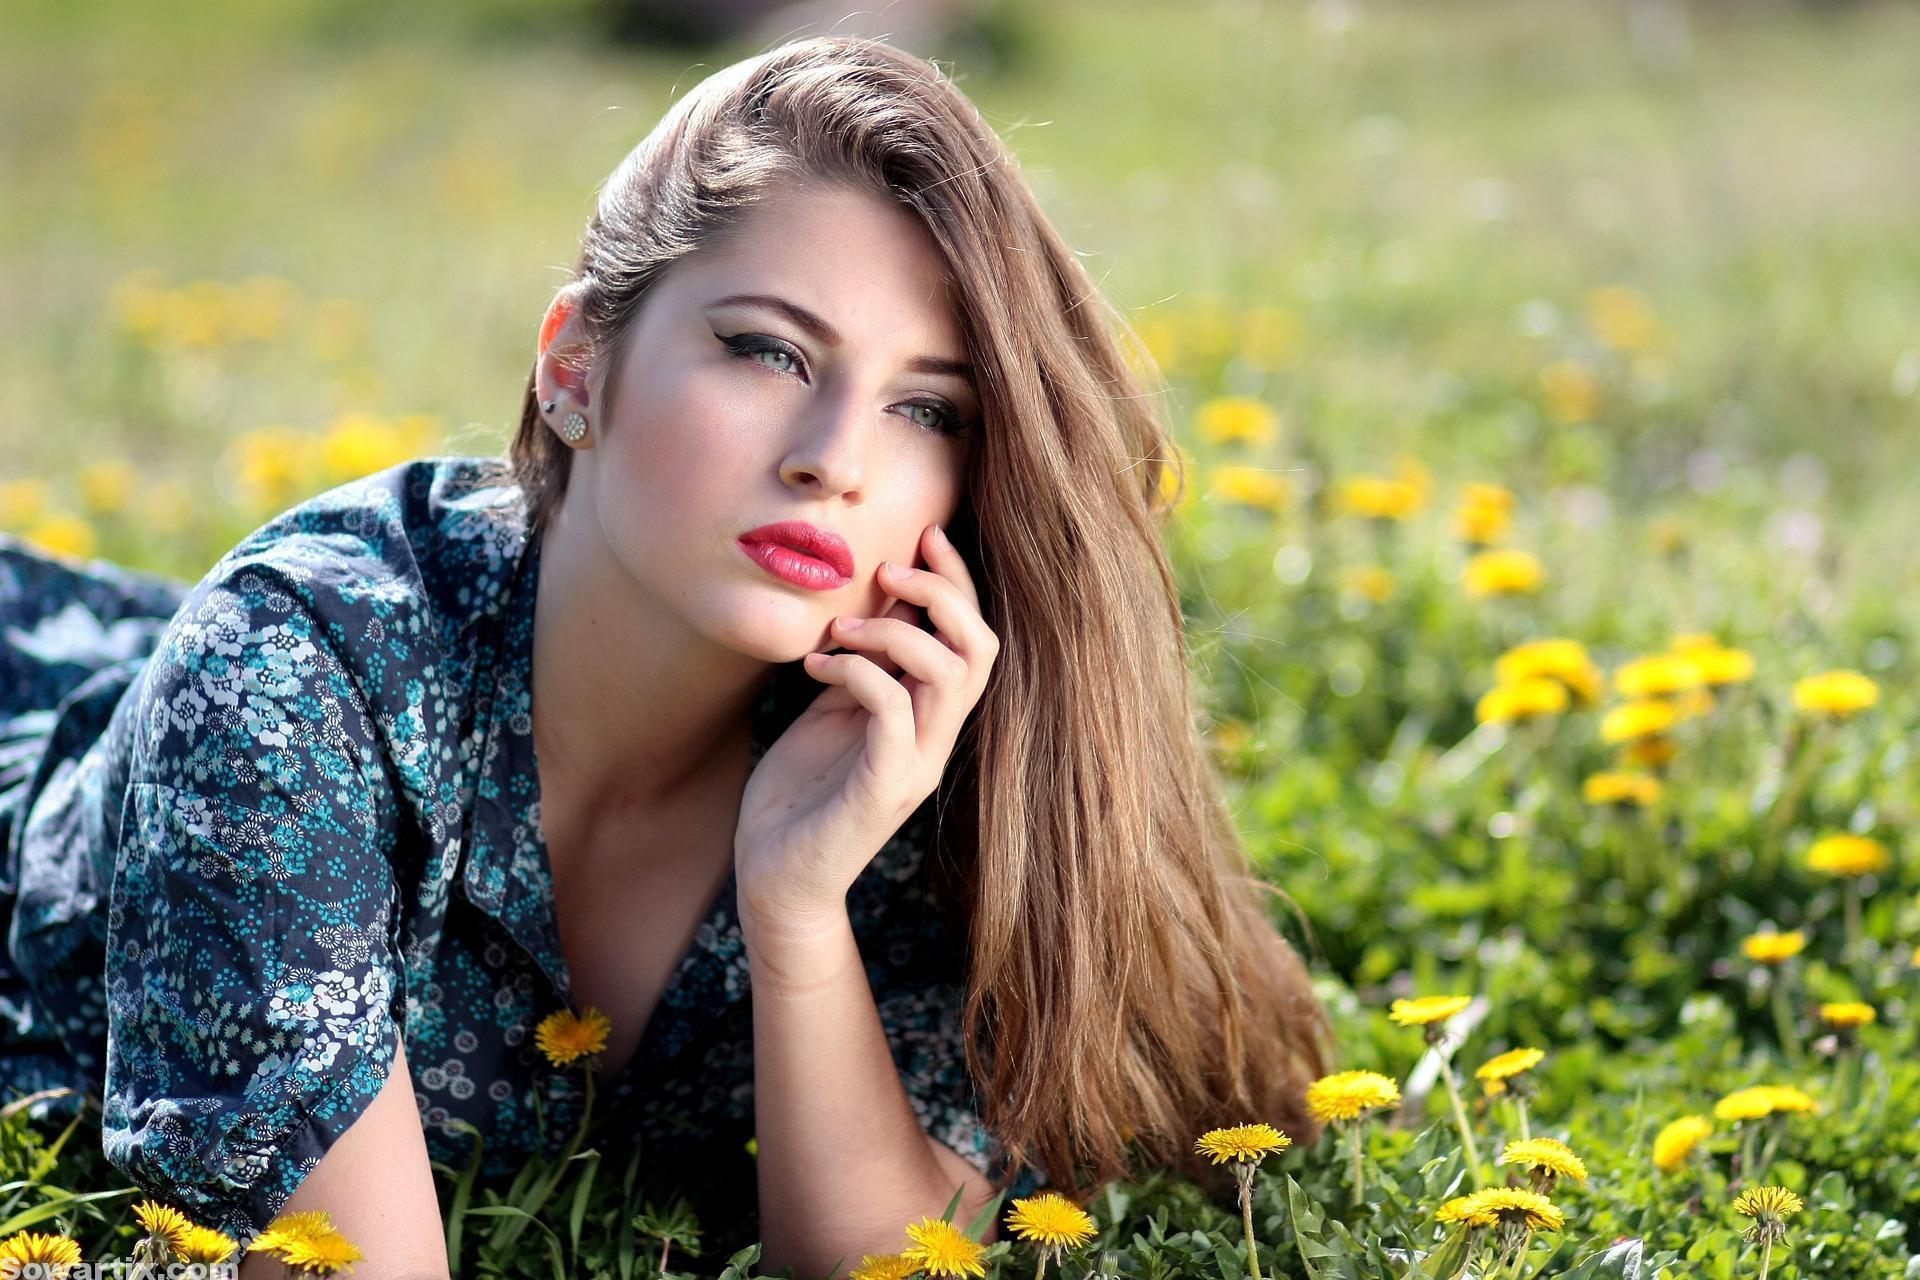 بالصور صور فتاة جميلة , شاهد نسب الجمال المتفاوته من انثى لاخرى 1513 7